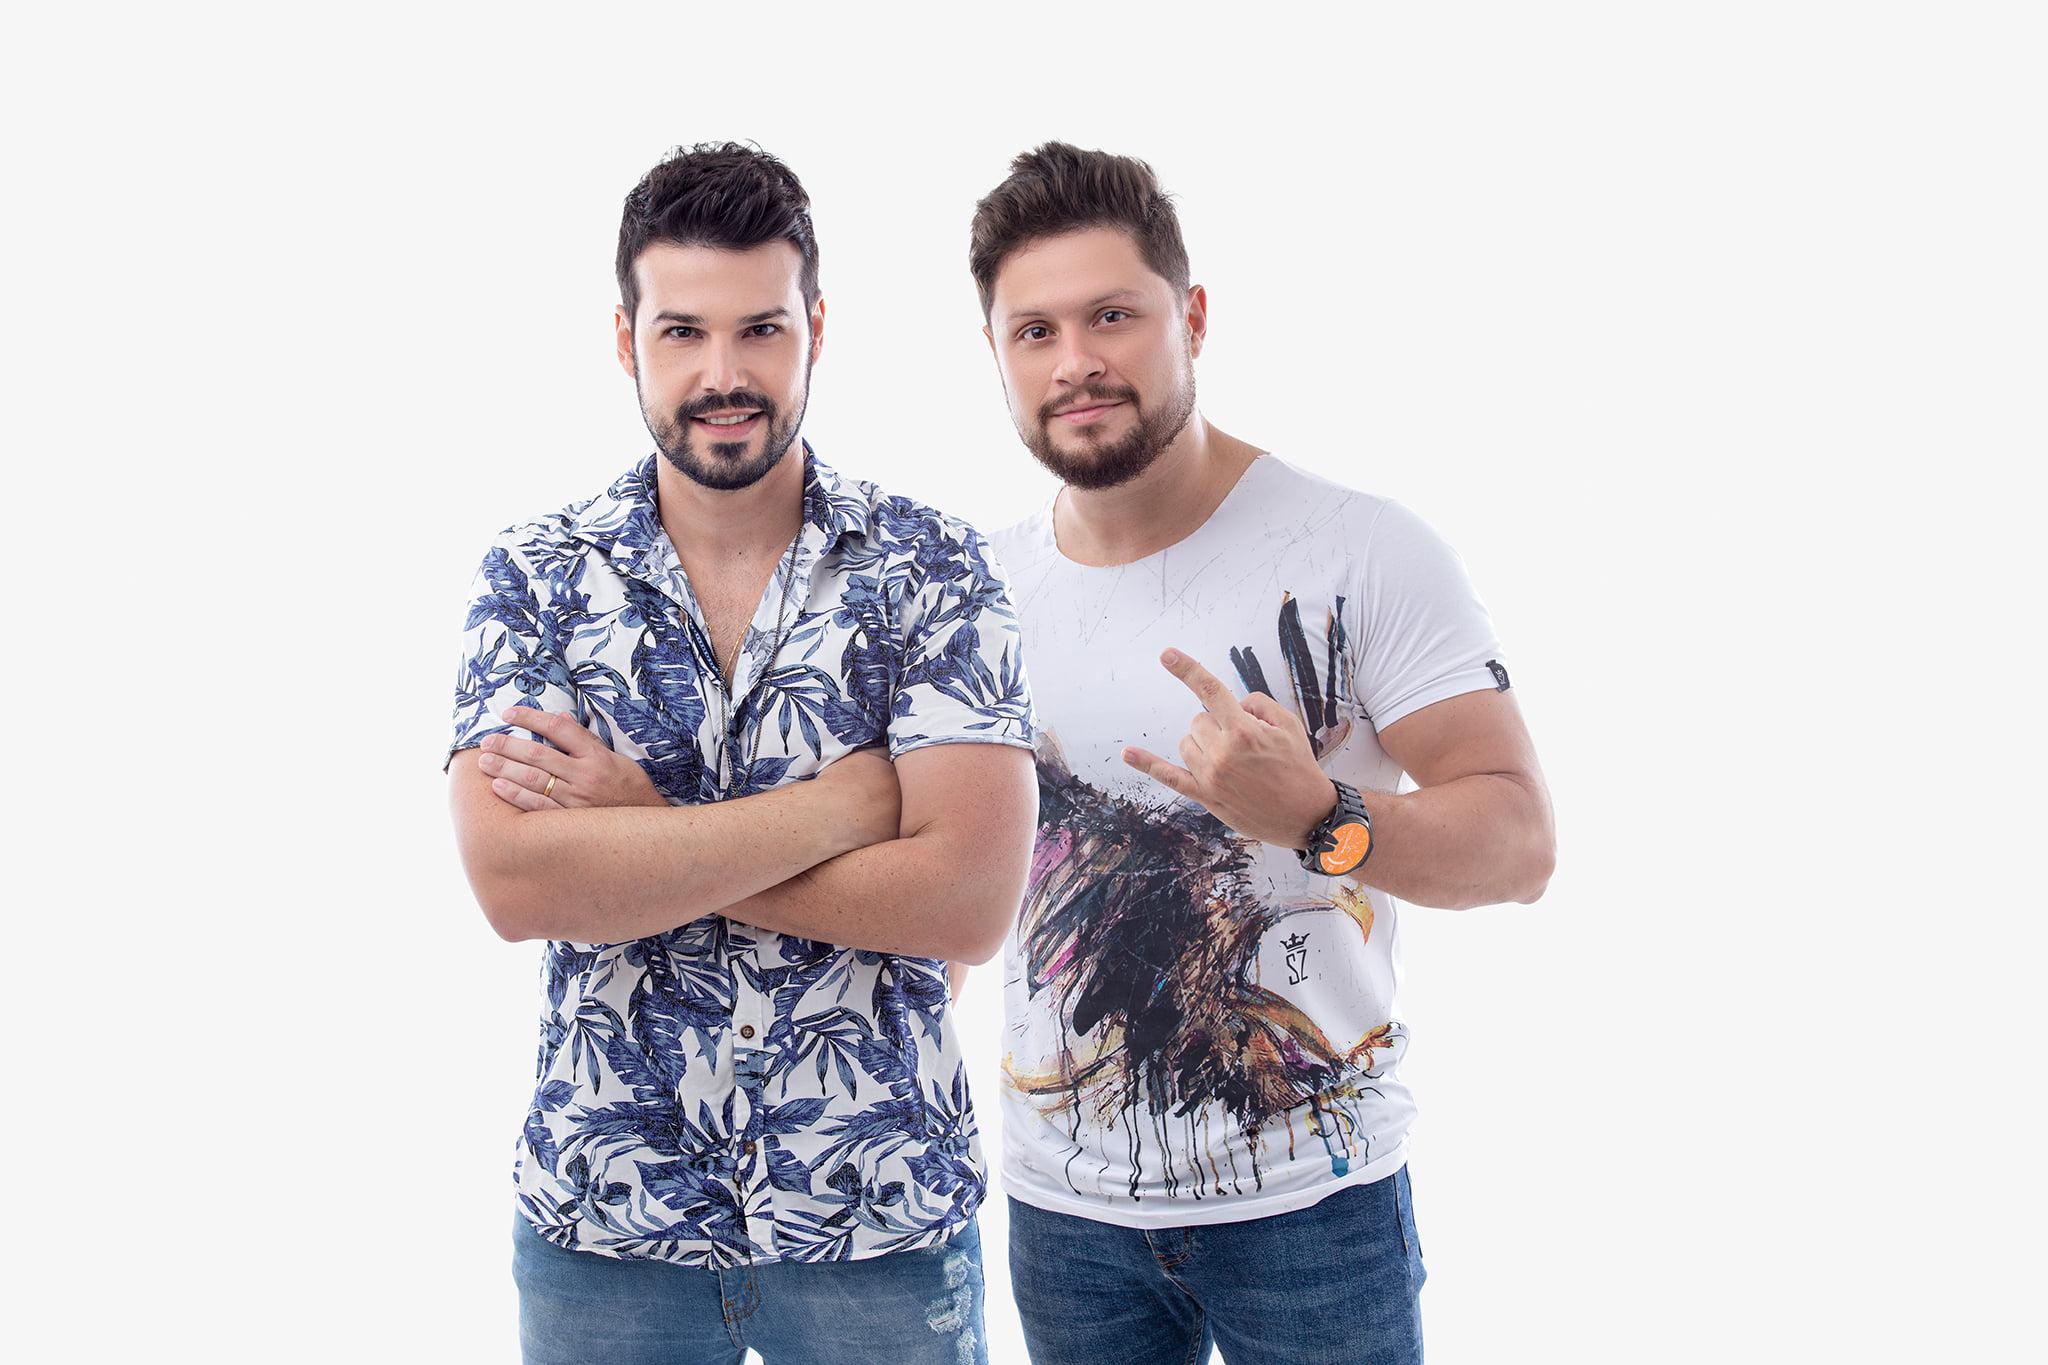 """Bruno di Marco & Cristiano lançam a música """"Tô virado"""" 42"""